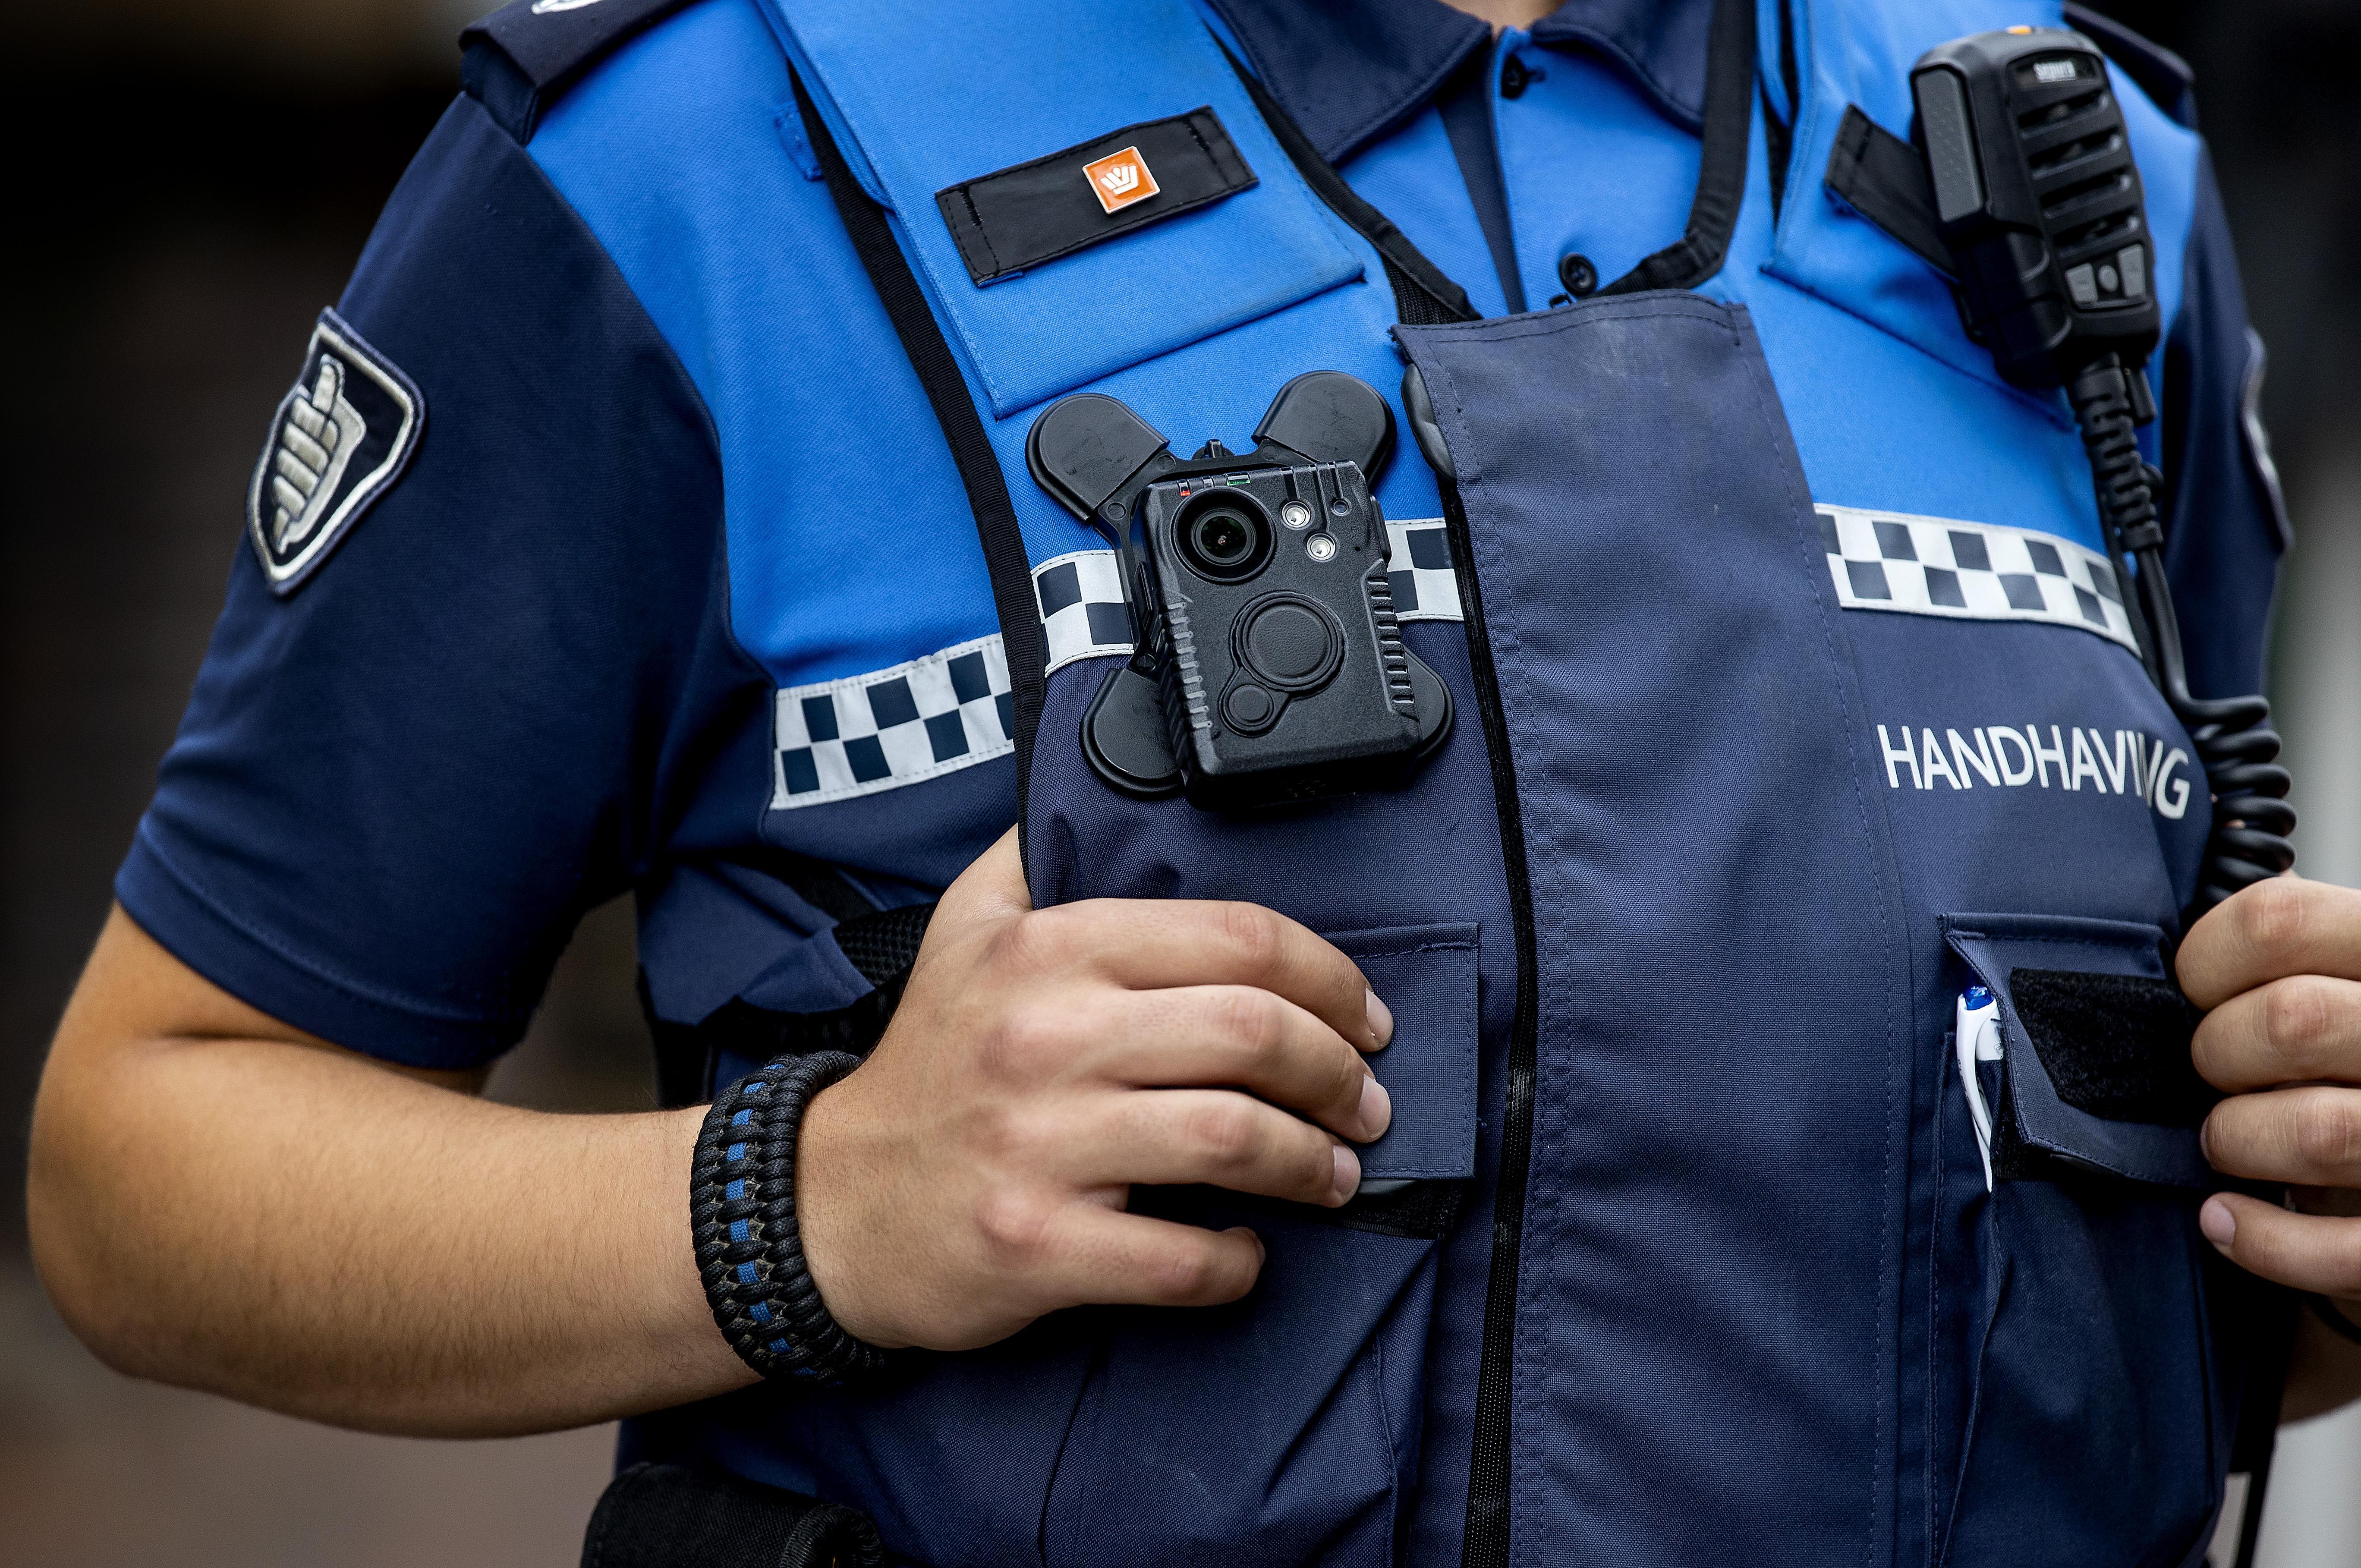 Een jaar lang handhavers met bodycam in Hilversum: 'Camera gaat zo'n 1 à 2 keer per maand aan'